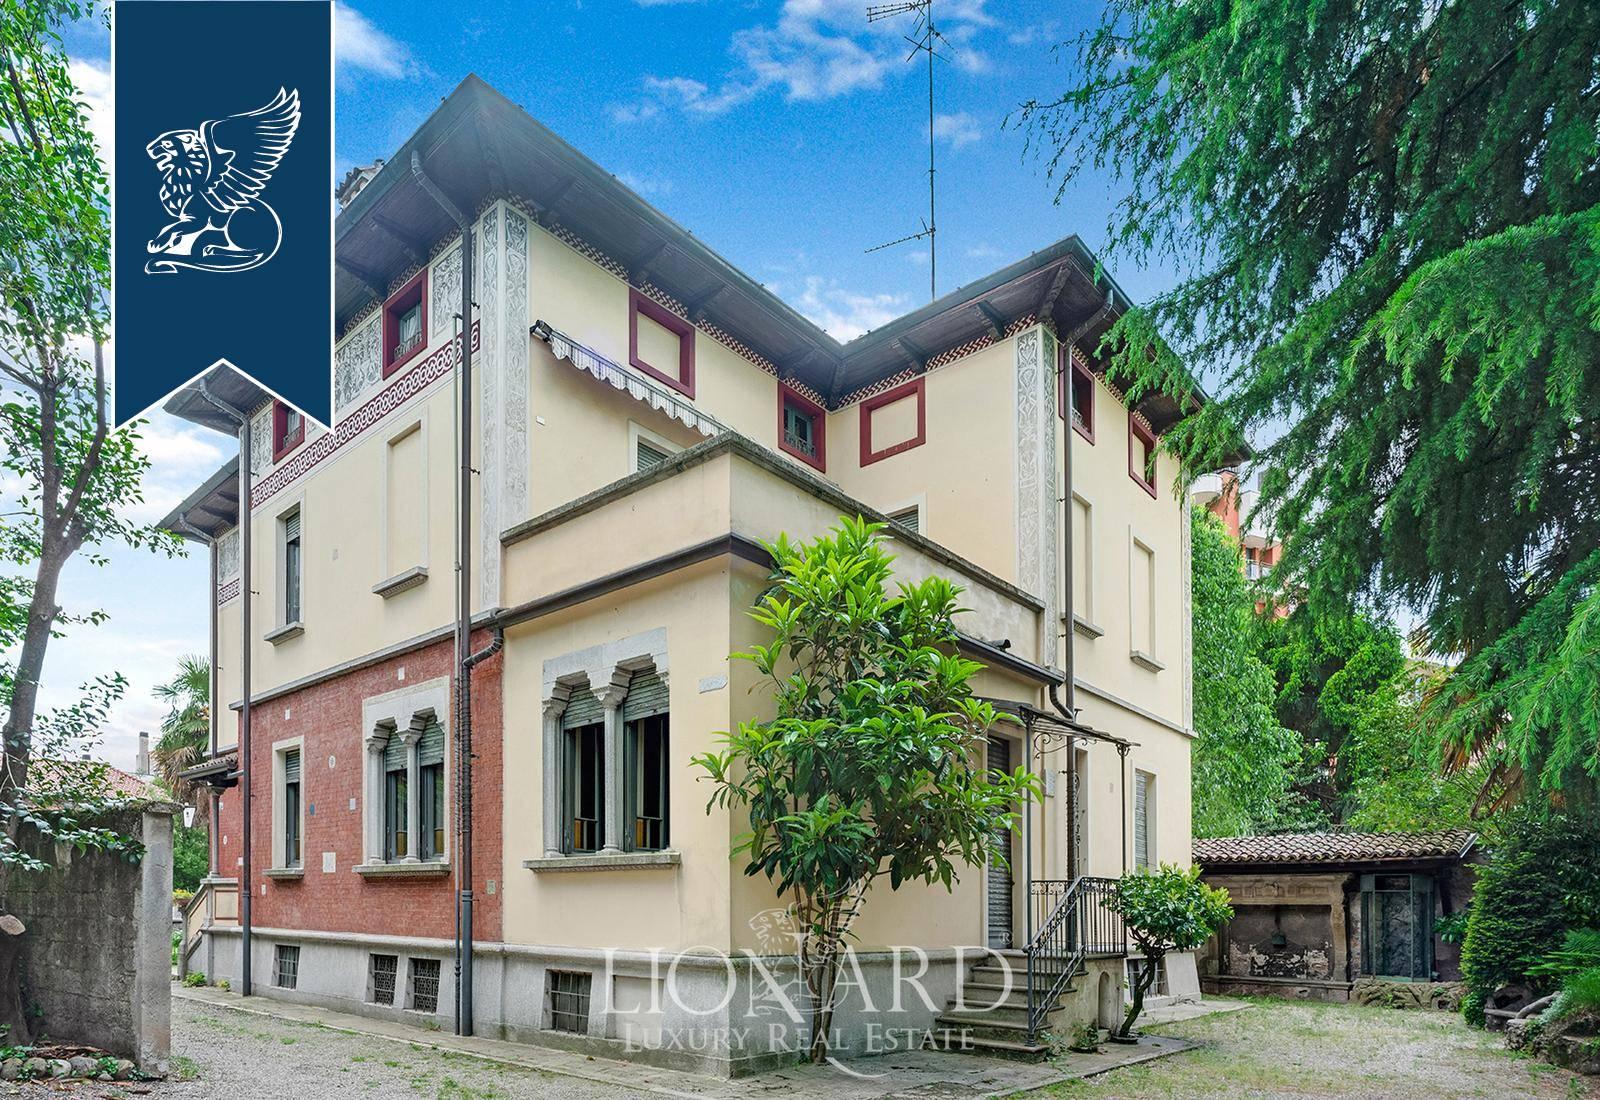 Villa in Vendita a Desio: 0 locali, 700 mq - Foto 6